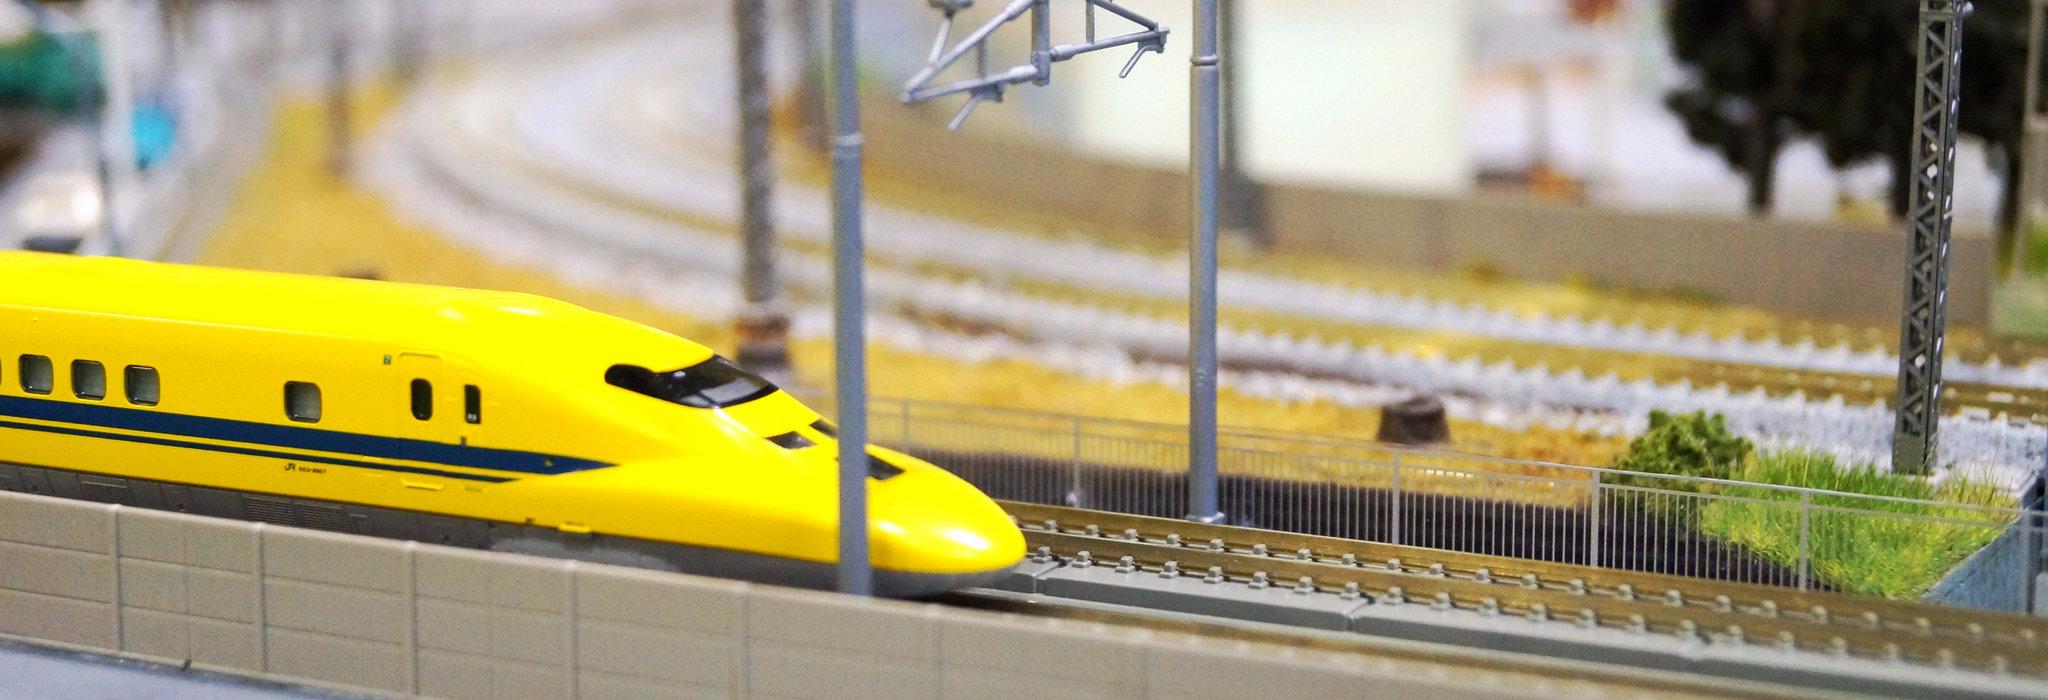 好奇心を感動に。国際鉄道模型コンベンションの歩き方_image